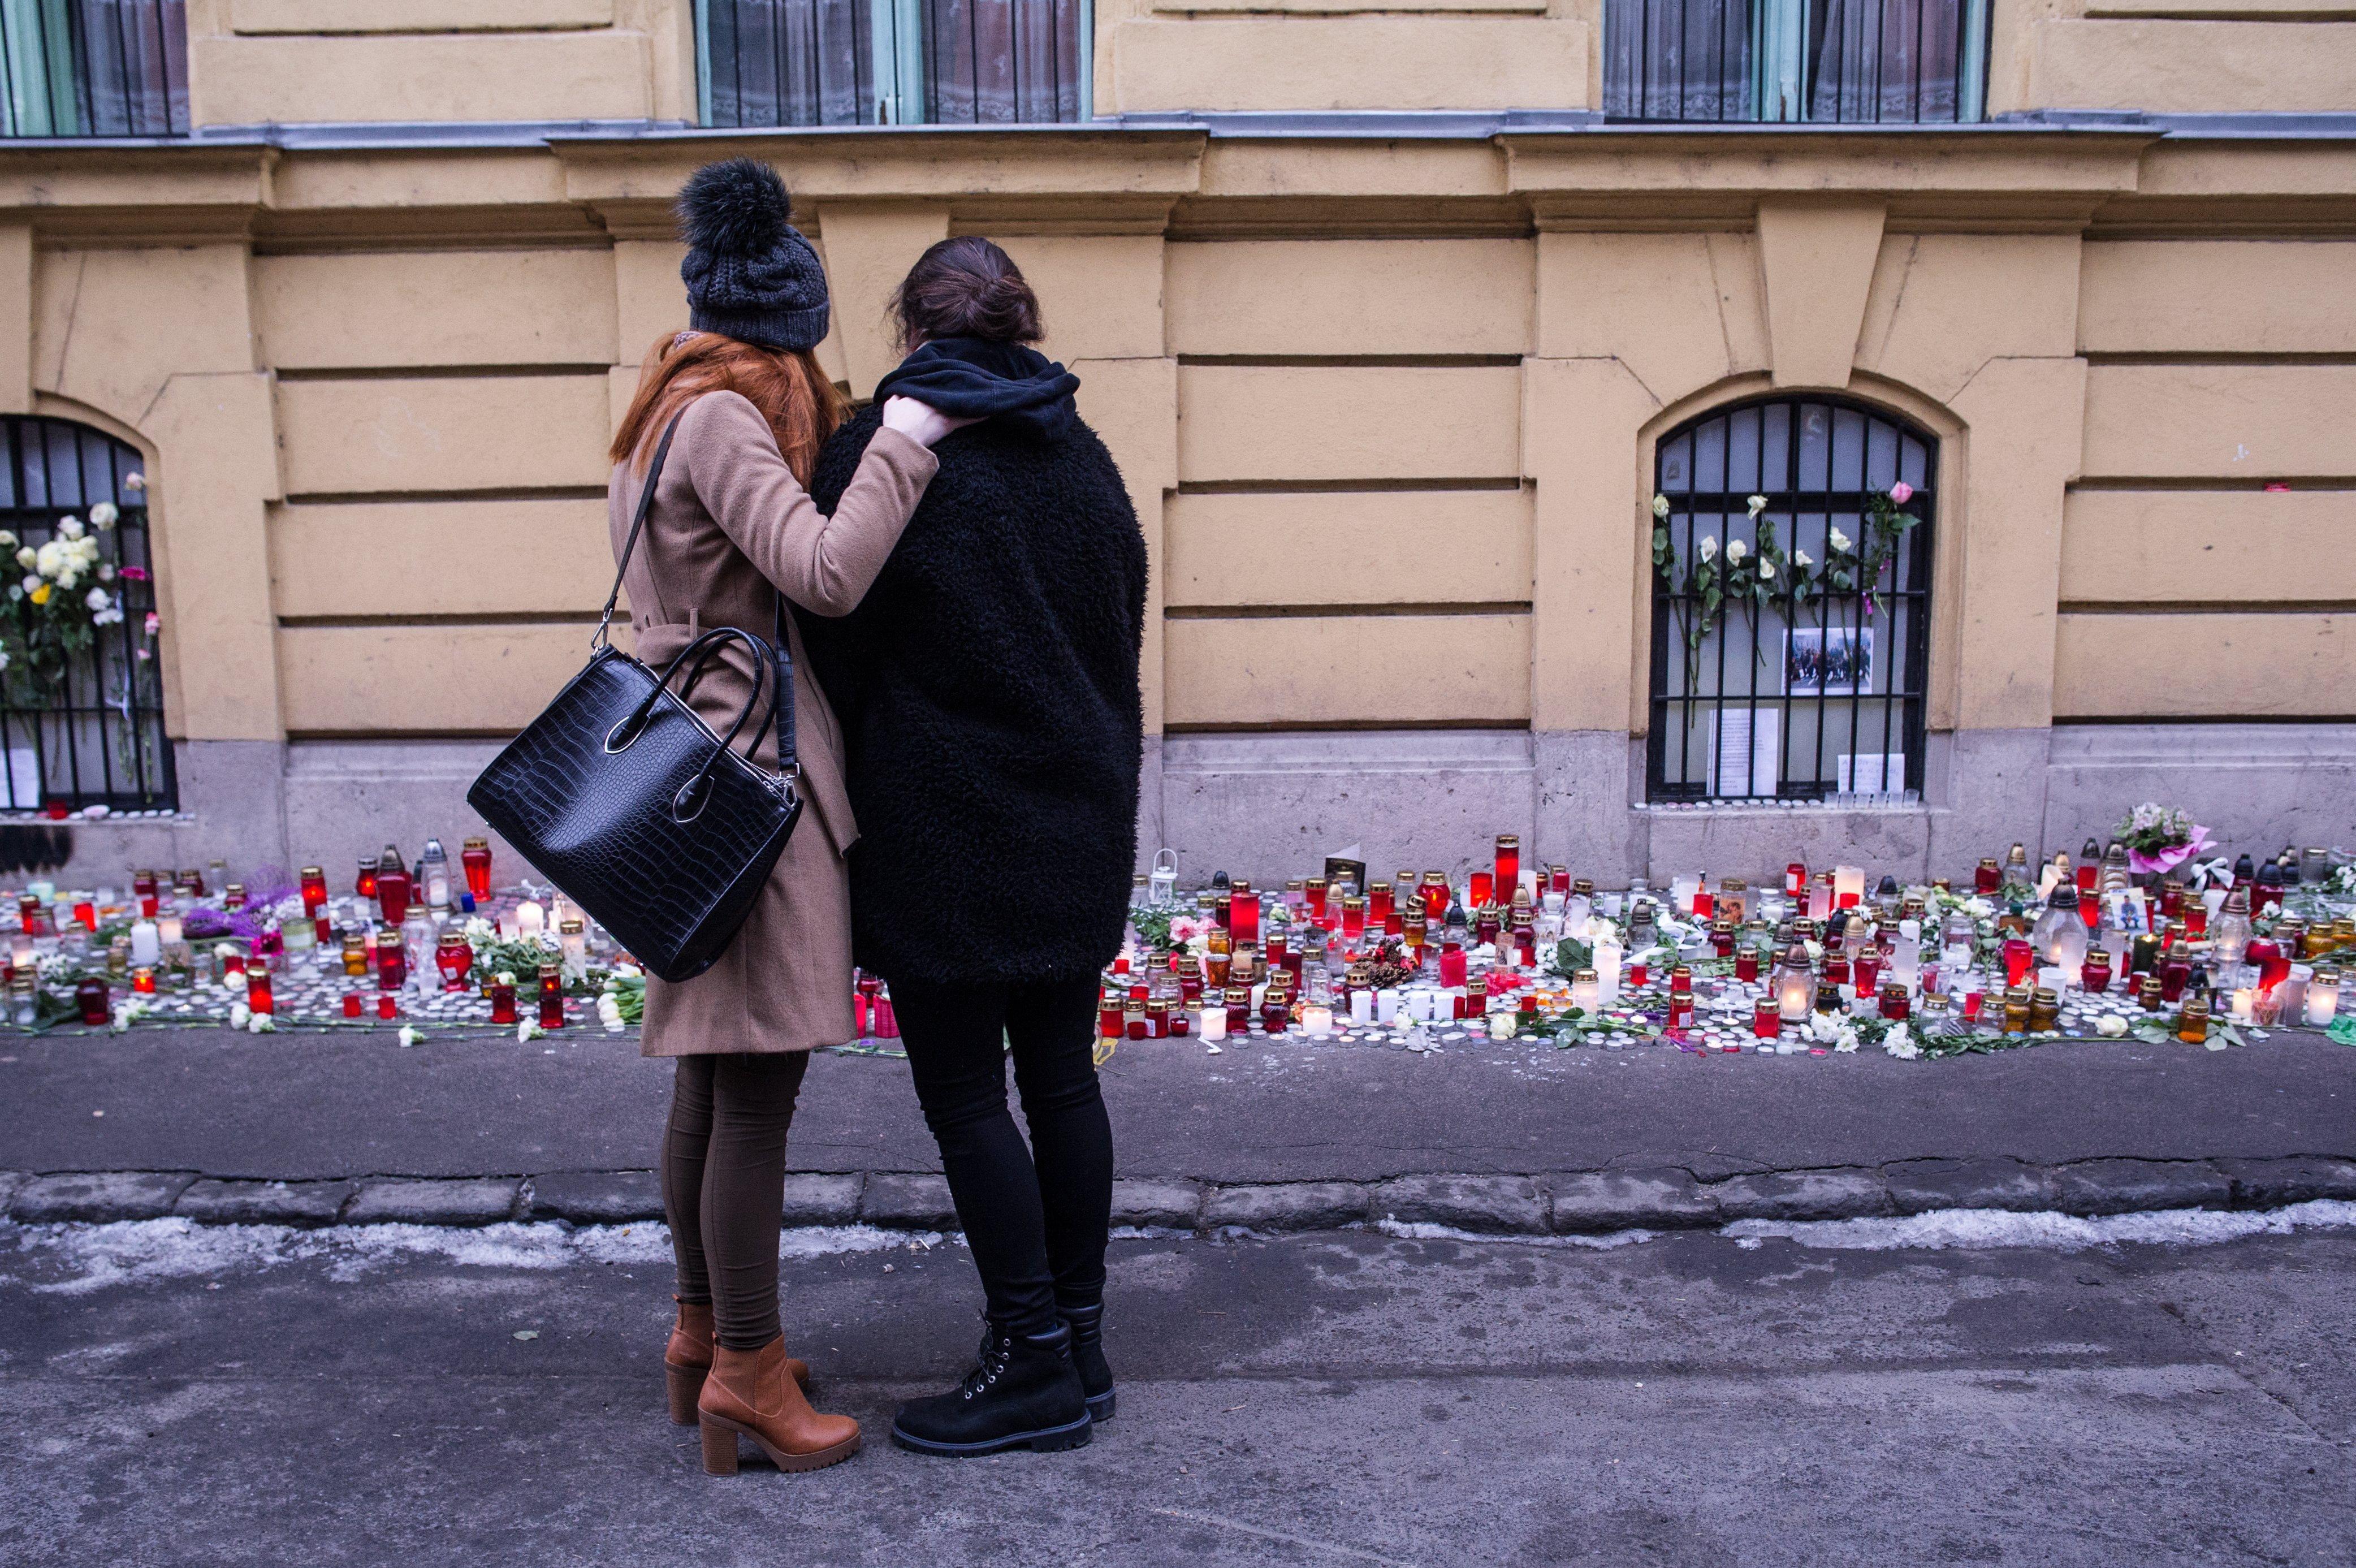 Elmeorvosi vizsgálatra küldték a veronai busztragédia áldozatainak rokonait